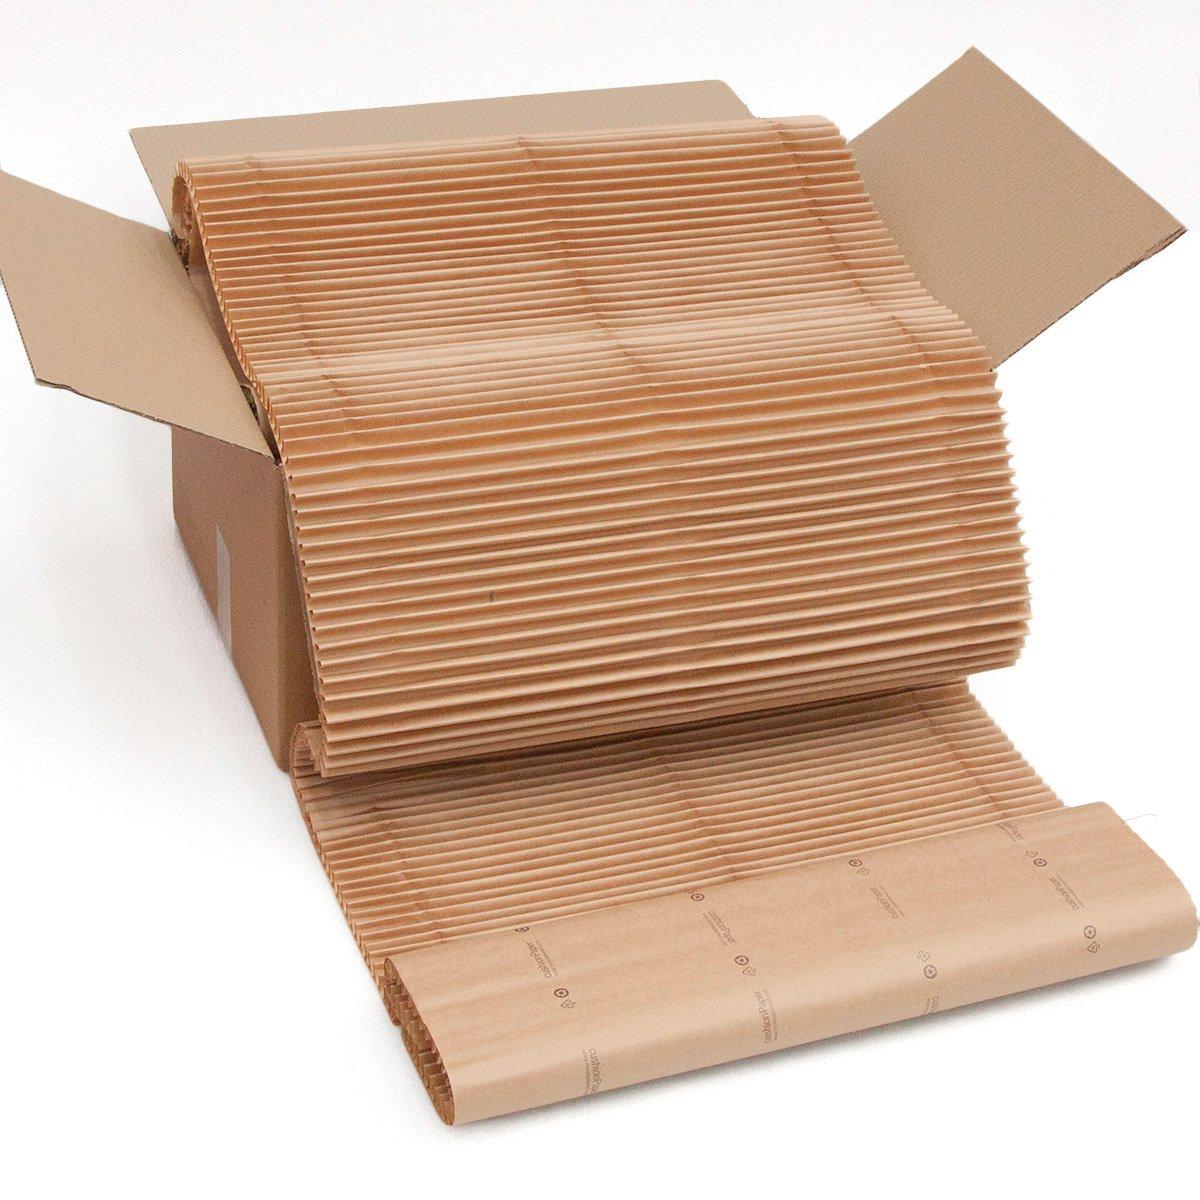 Der ökologische Ersatz für Luftpolsterfolie, Noppenfolie, Blisterfolie und Knallfolie. cushionPaper Schachtel: Sie erhalten 10 m x 60 cm Material in einem 60 x 40 x 30 cm großen Karton. Das Material ist alle 39 cm zur Hälfte durchschnitten und ohne Schere